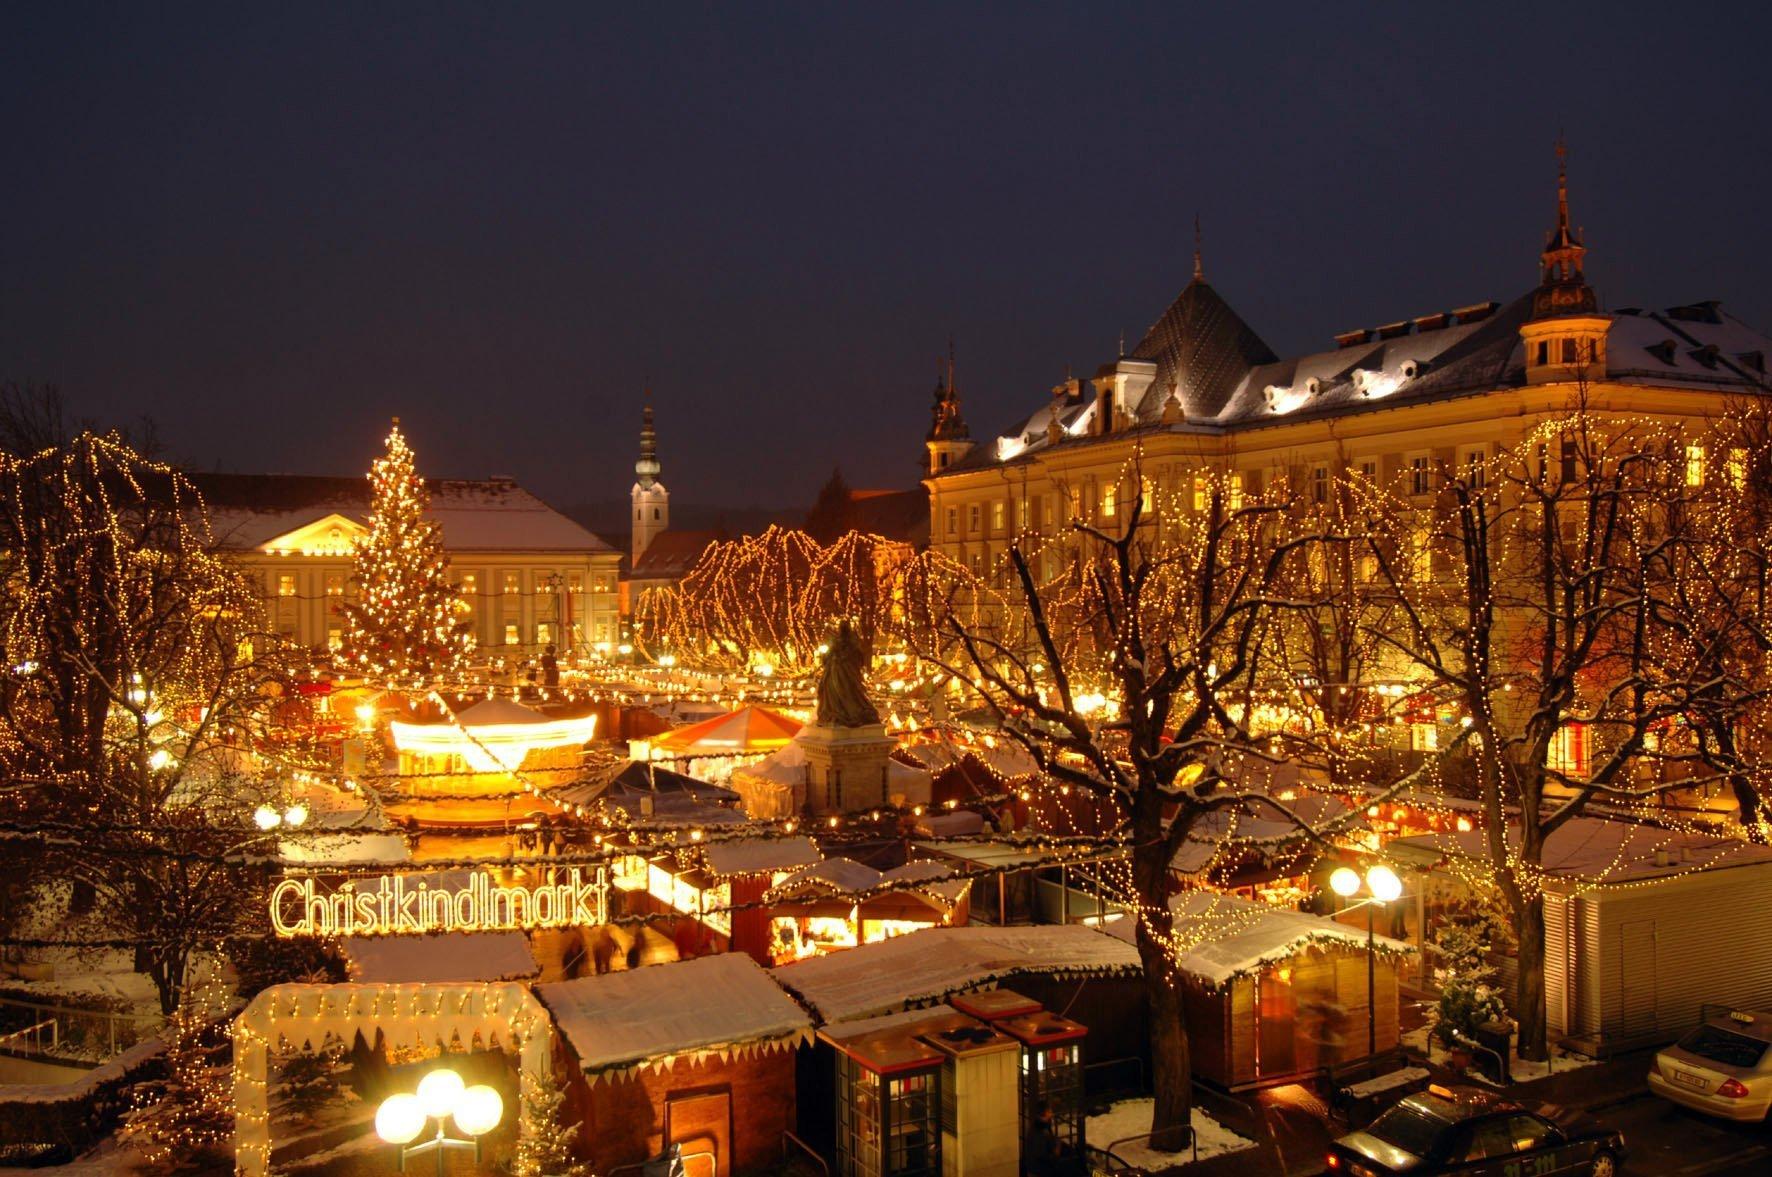 Il centro di Klagenfurt